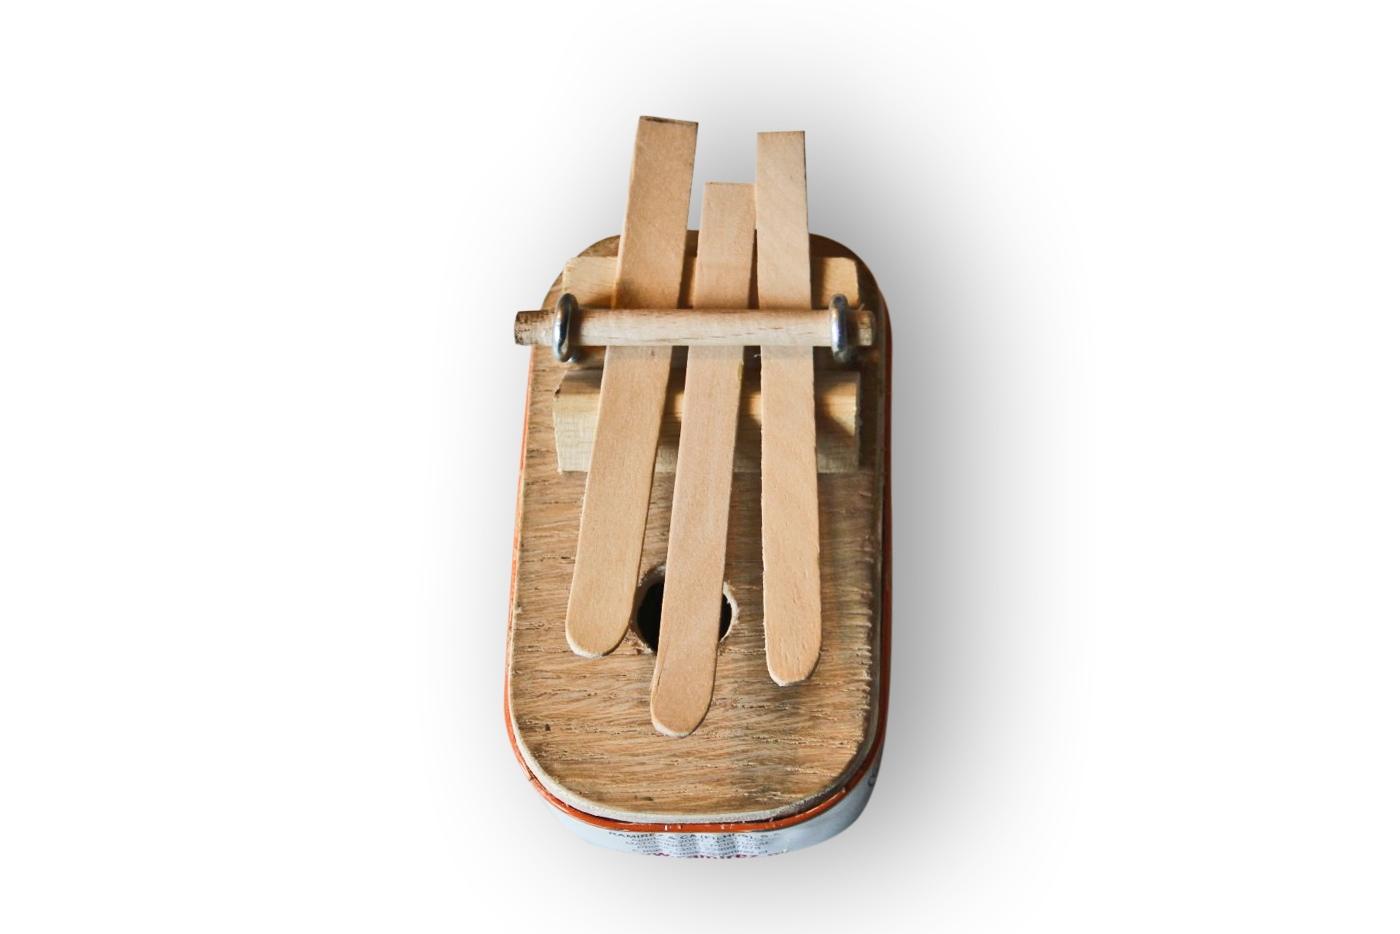 Materiais: madeira latas de conserva metal arame #966635 1400x934